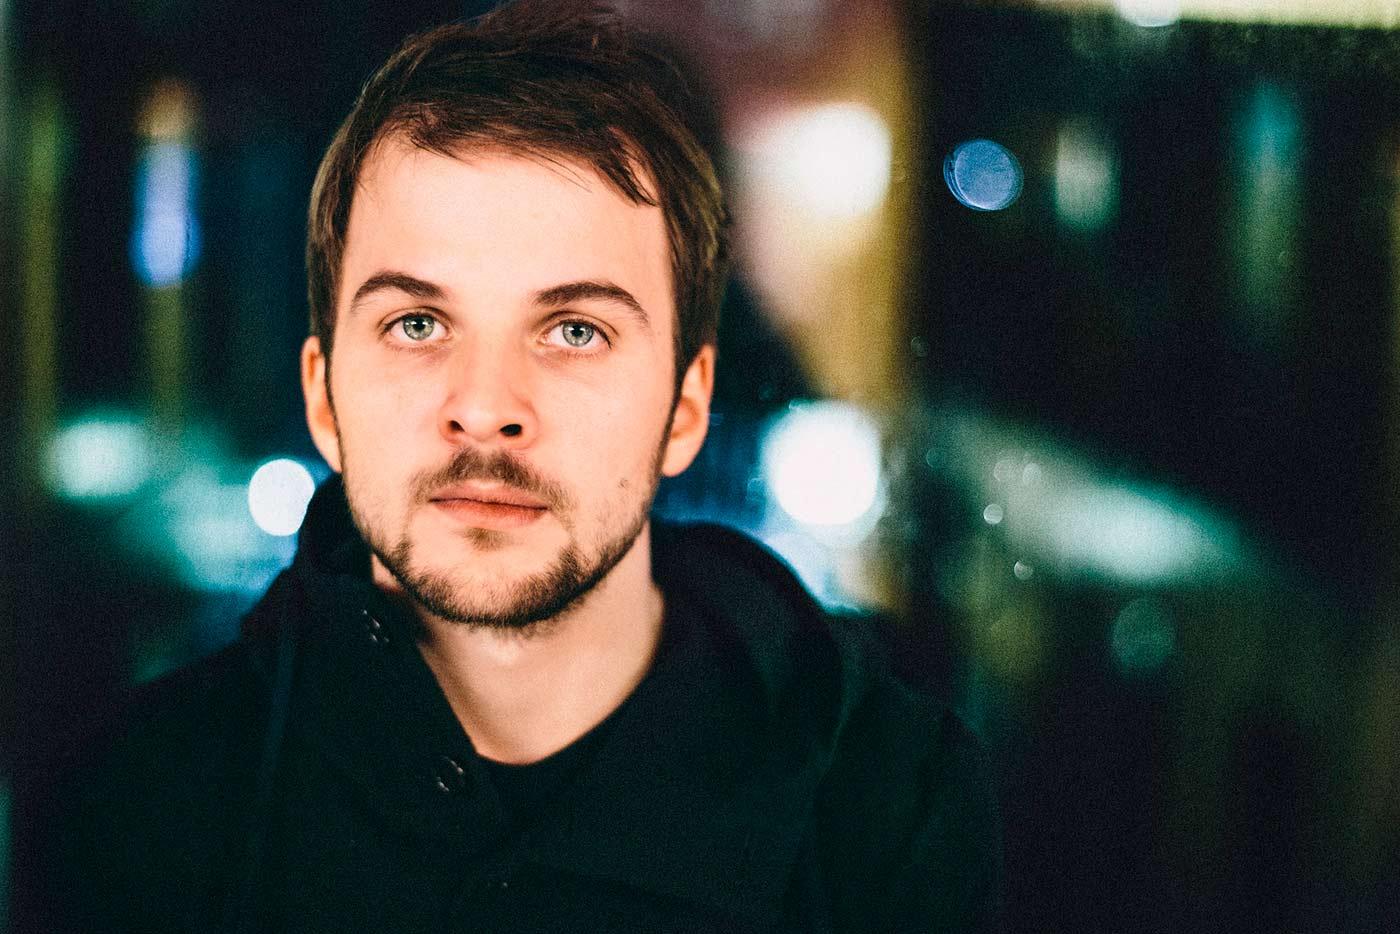 Nils Frahm anuncia nuevo álbum para enero de 2018